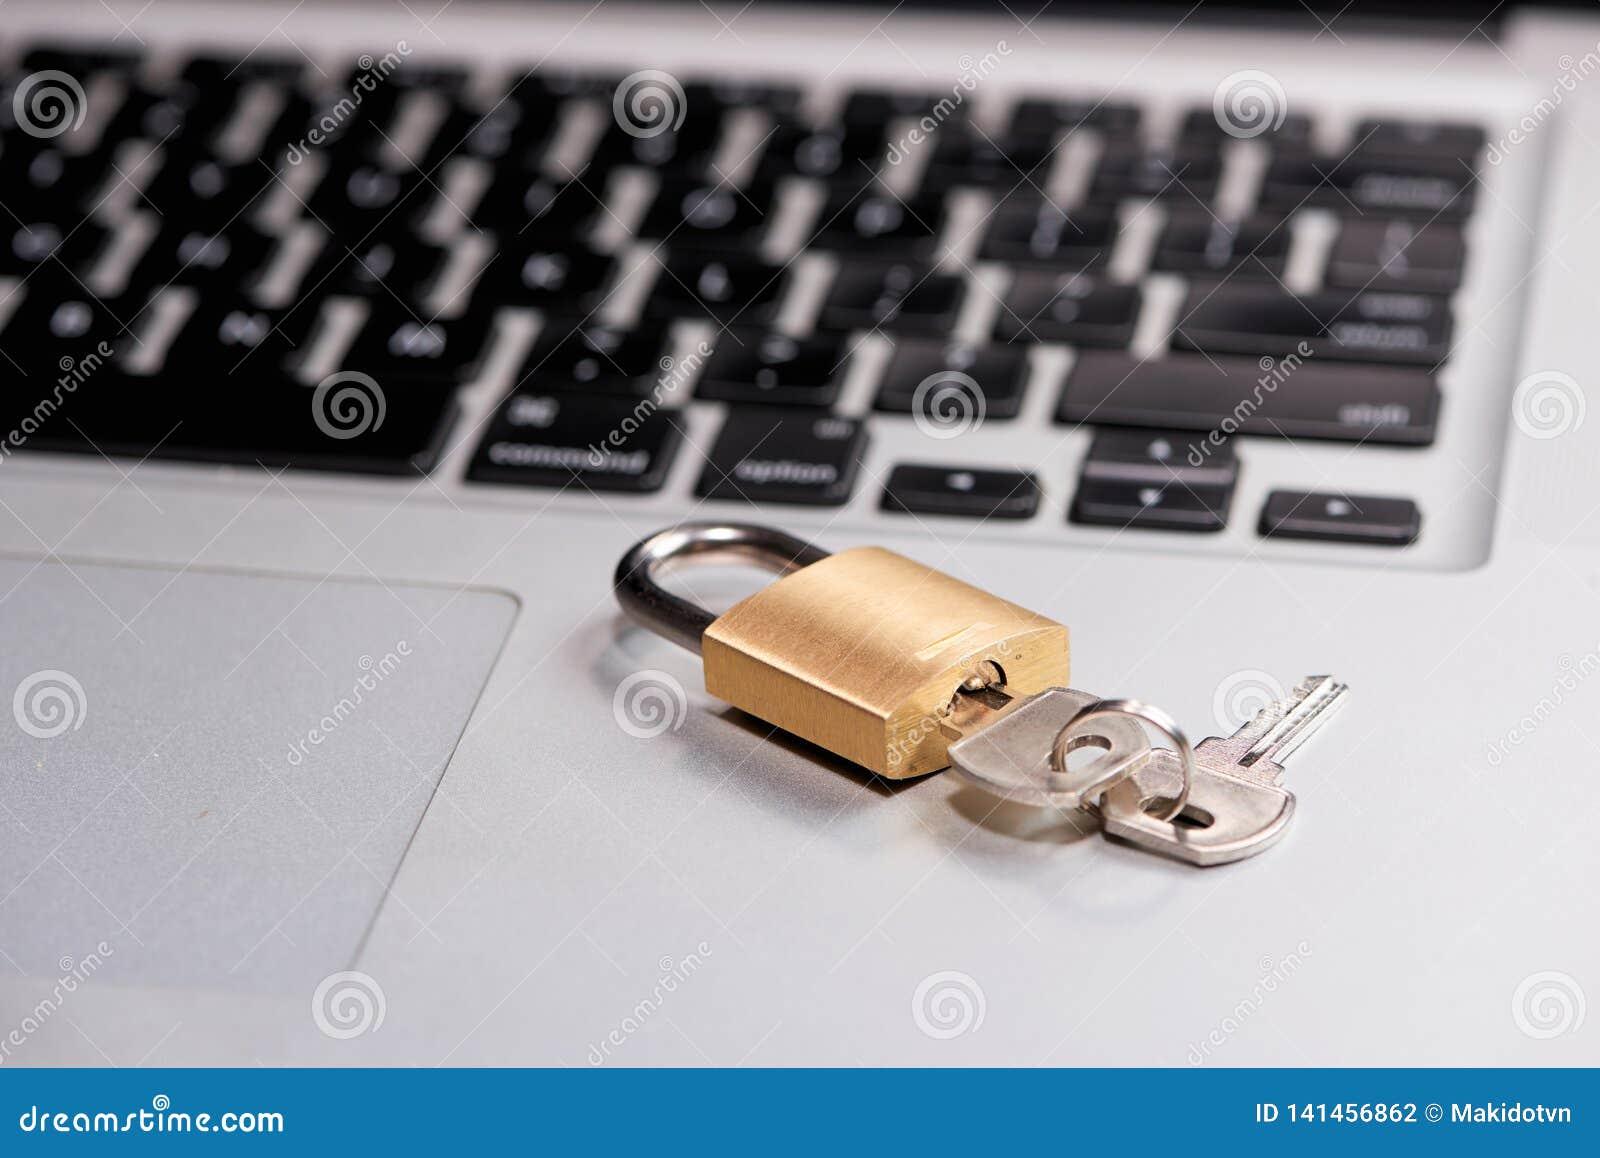 Computerbeveiliging en gegevensbeschermingconcept Laptop met een gesloten slot en sleutel op het